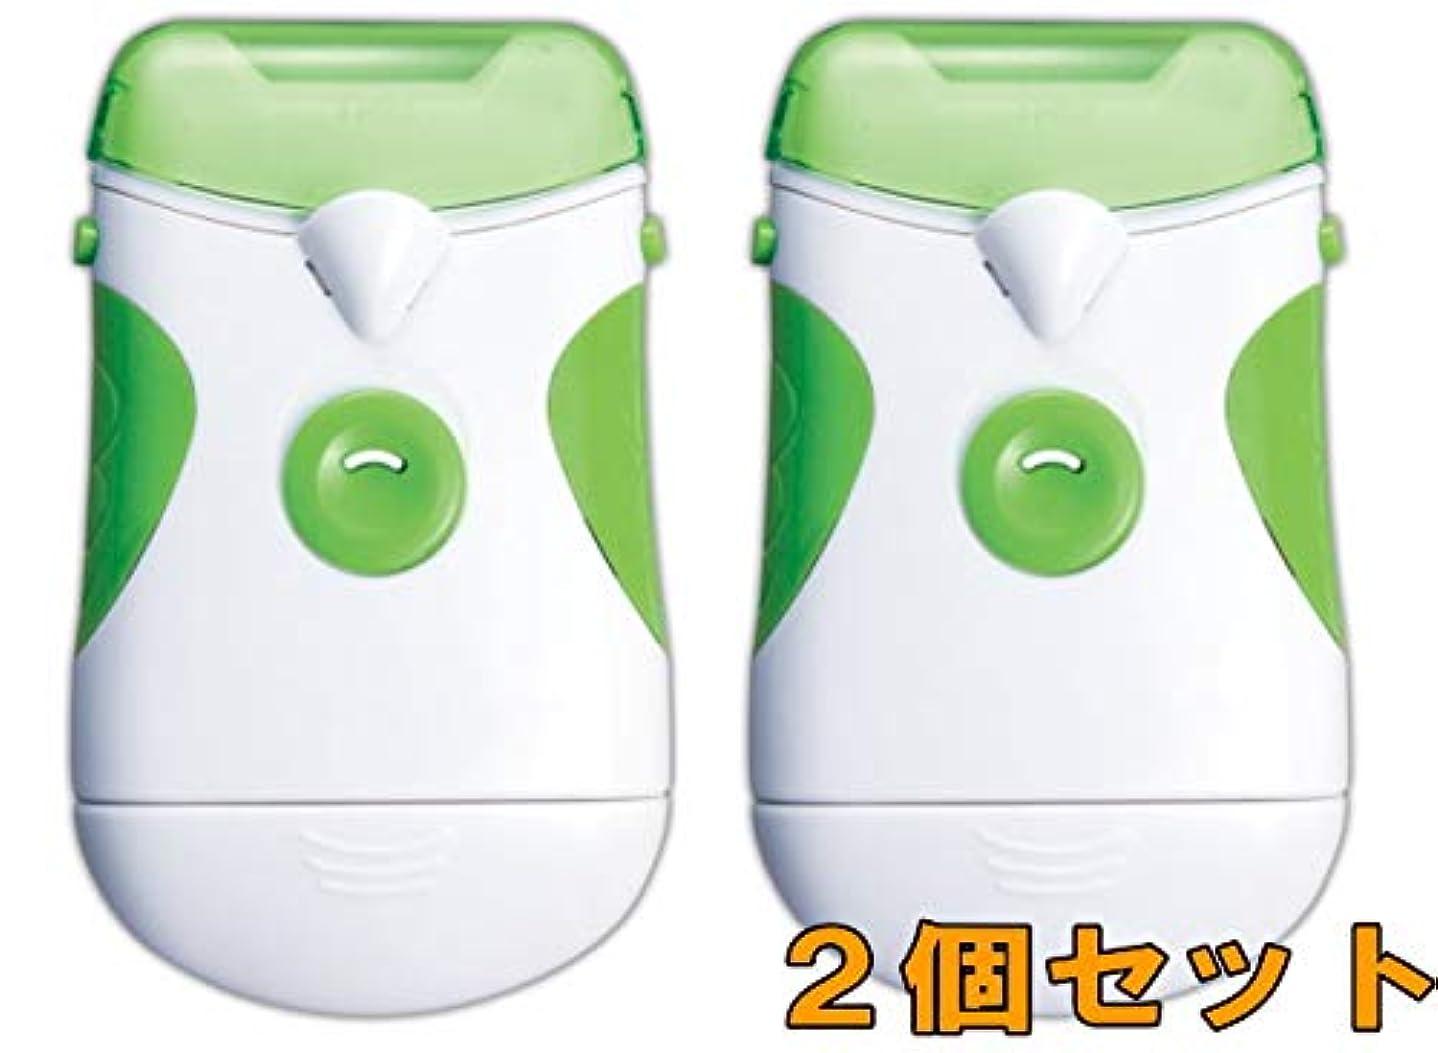 無駄な縫う細胞【2個セット】 電動爪切り(ライト付) 爪やすり 爪削り 足爪 硬い爪 電池式